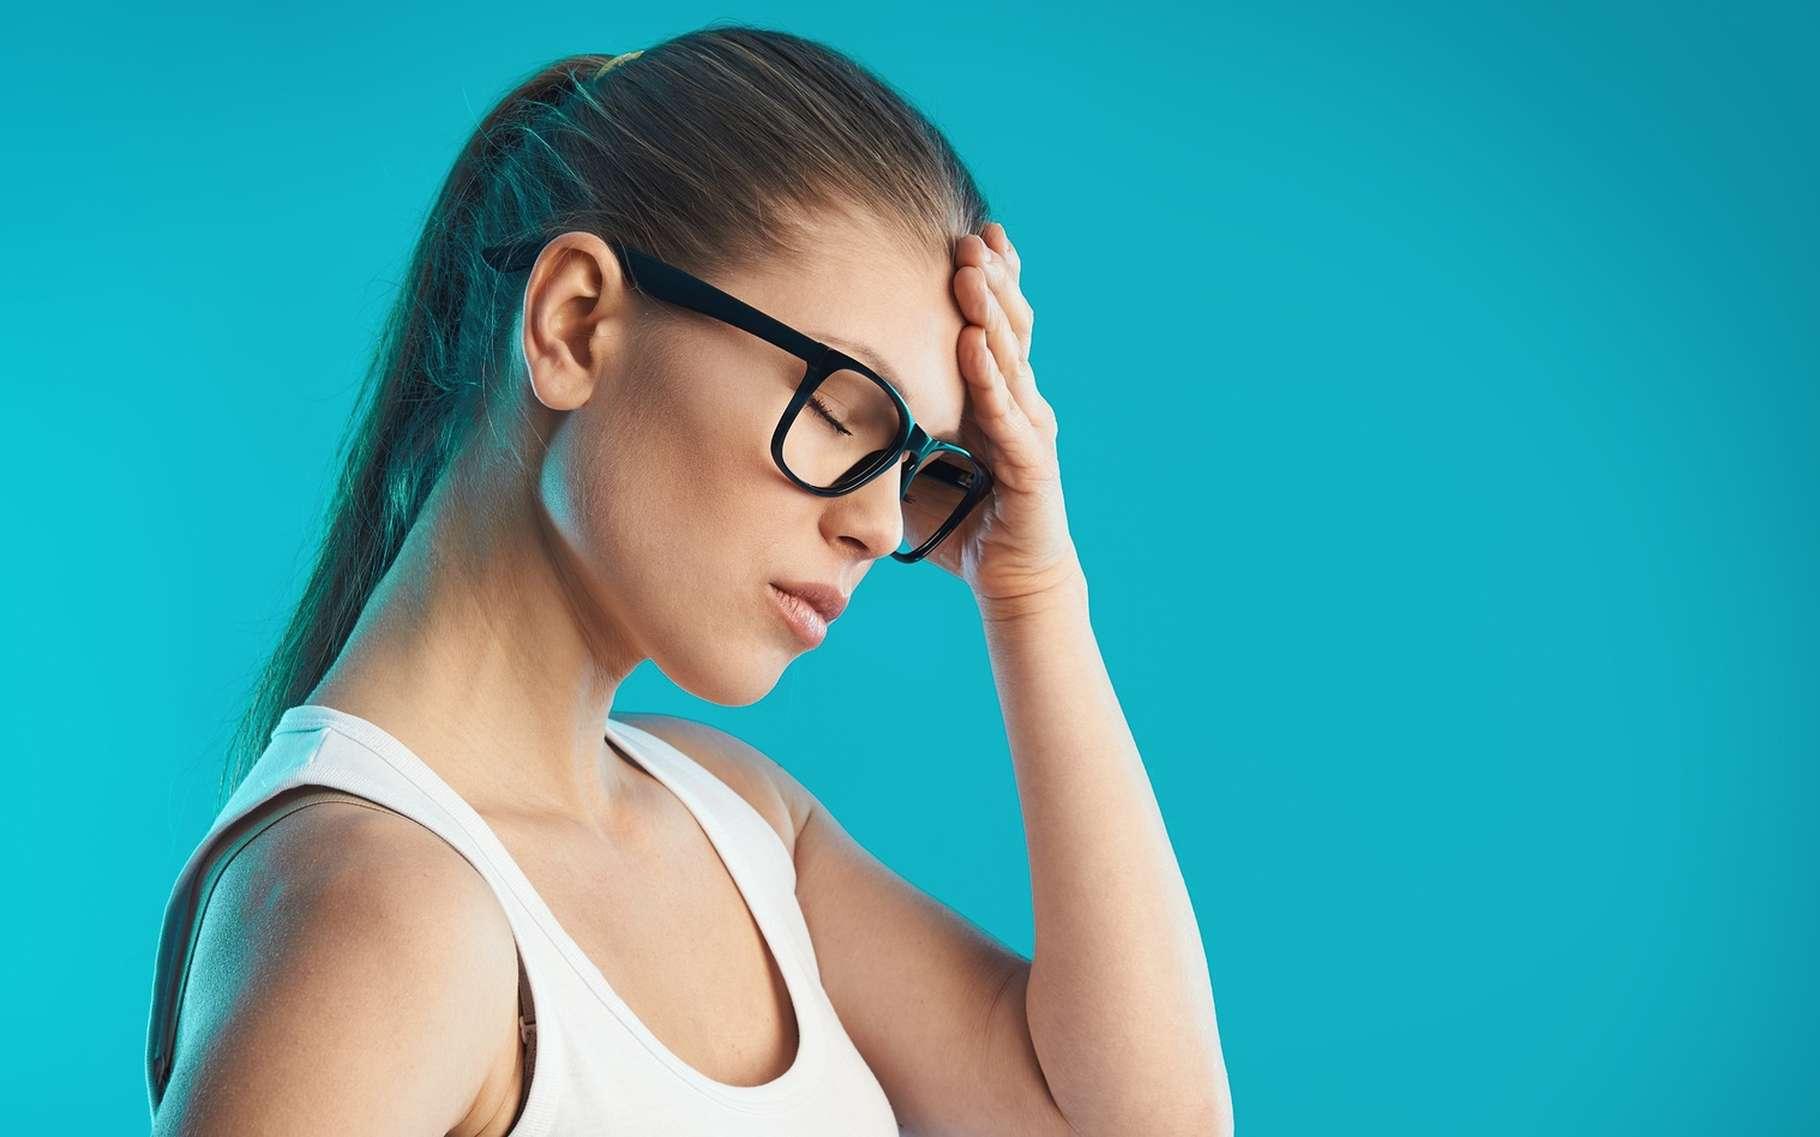 Le mal de tête est le symptôme de différentes pathologies : migraine, traumatisme crânien, AVC… © Stasique, Shutterstock